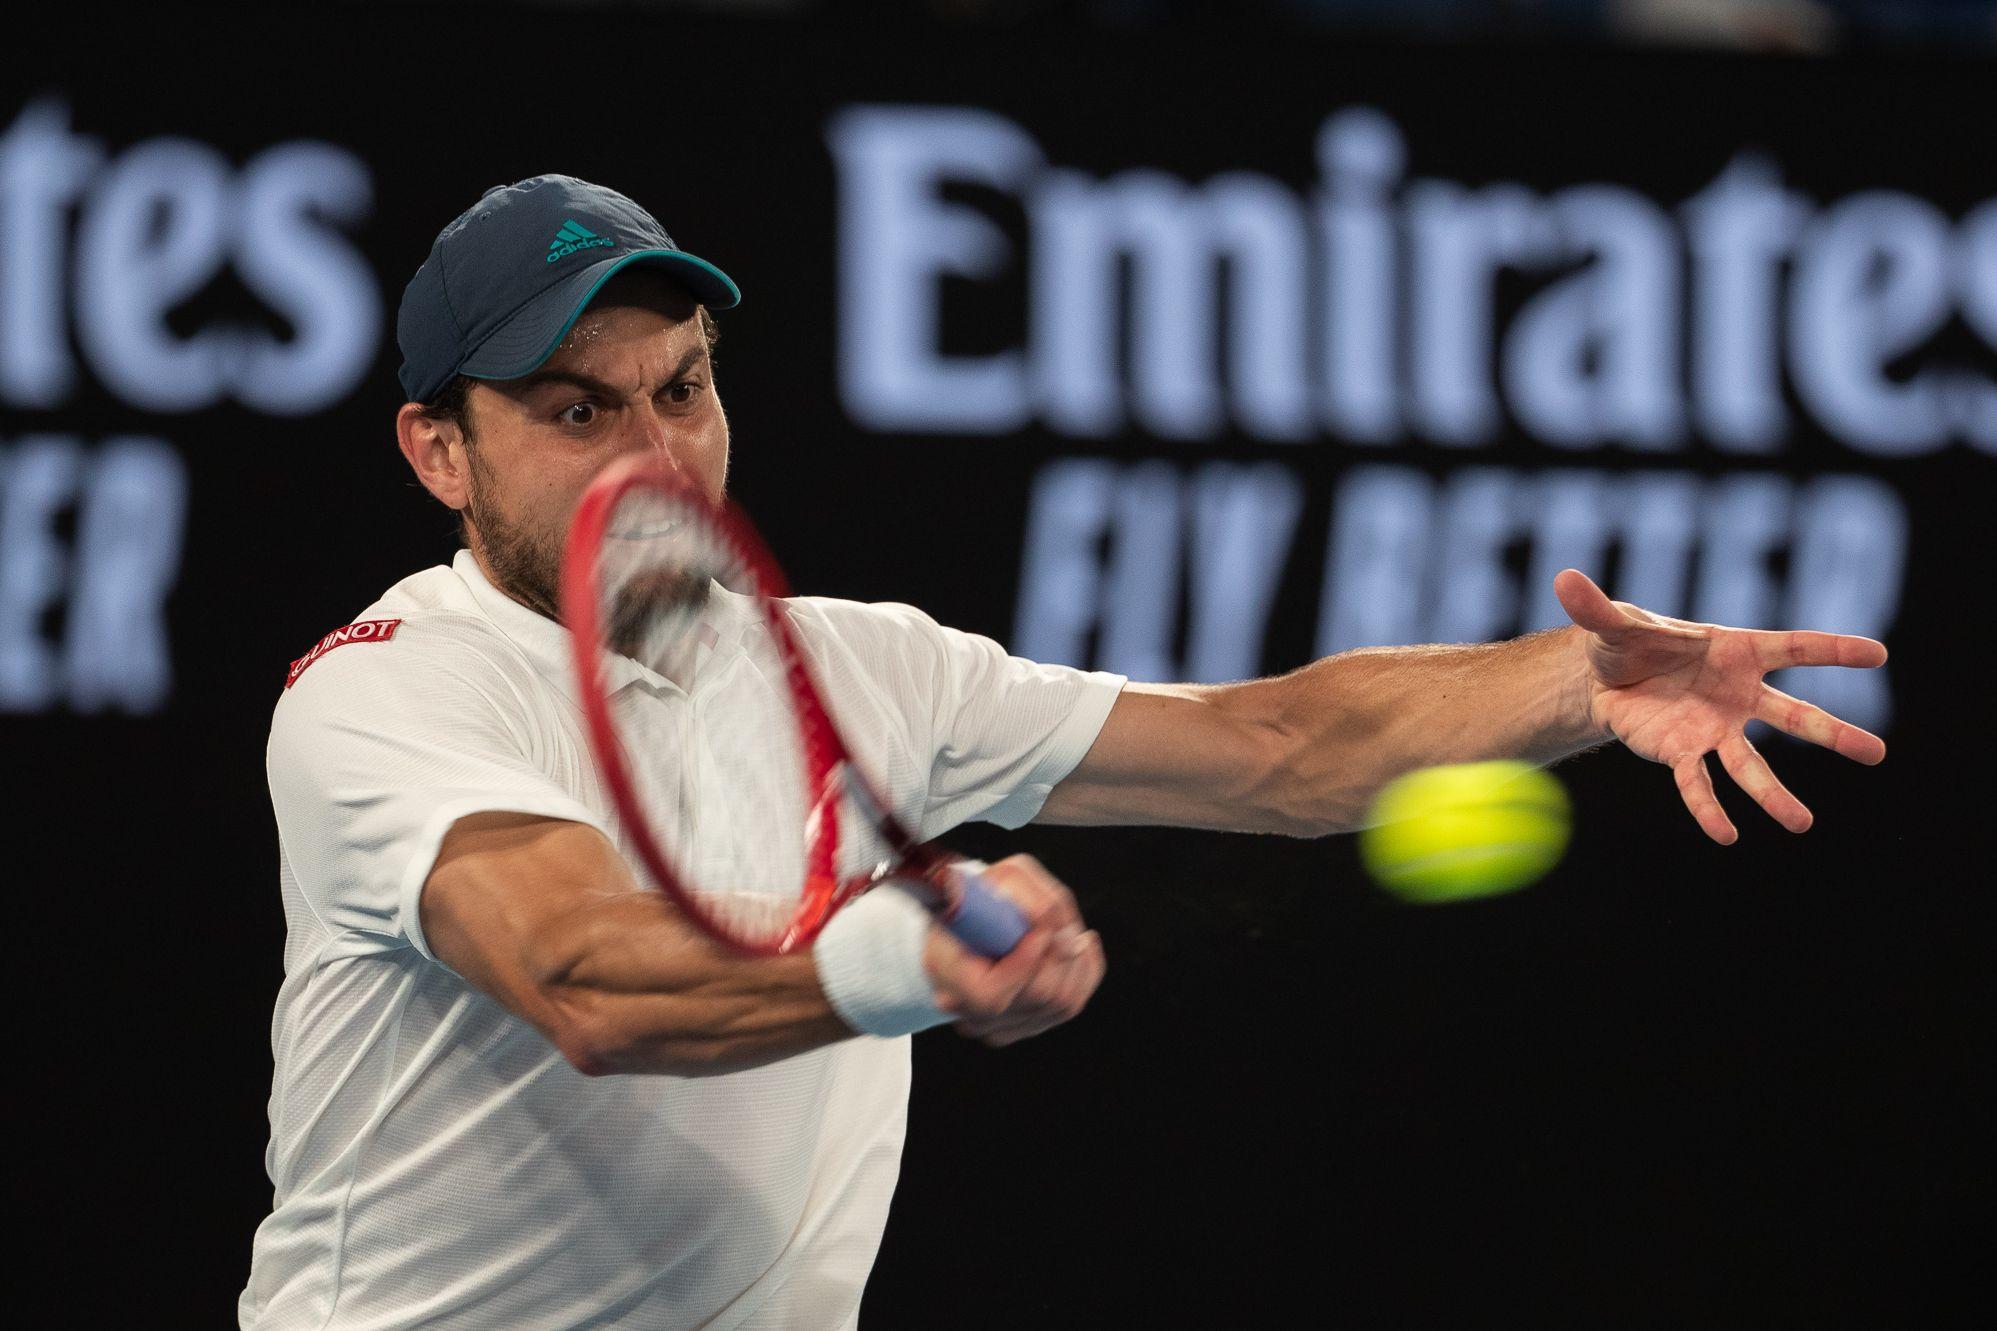 Карацев впервые в карьере выиграл турнир ATP